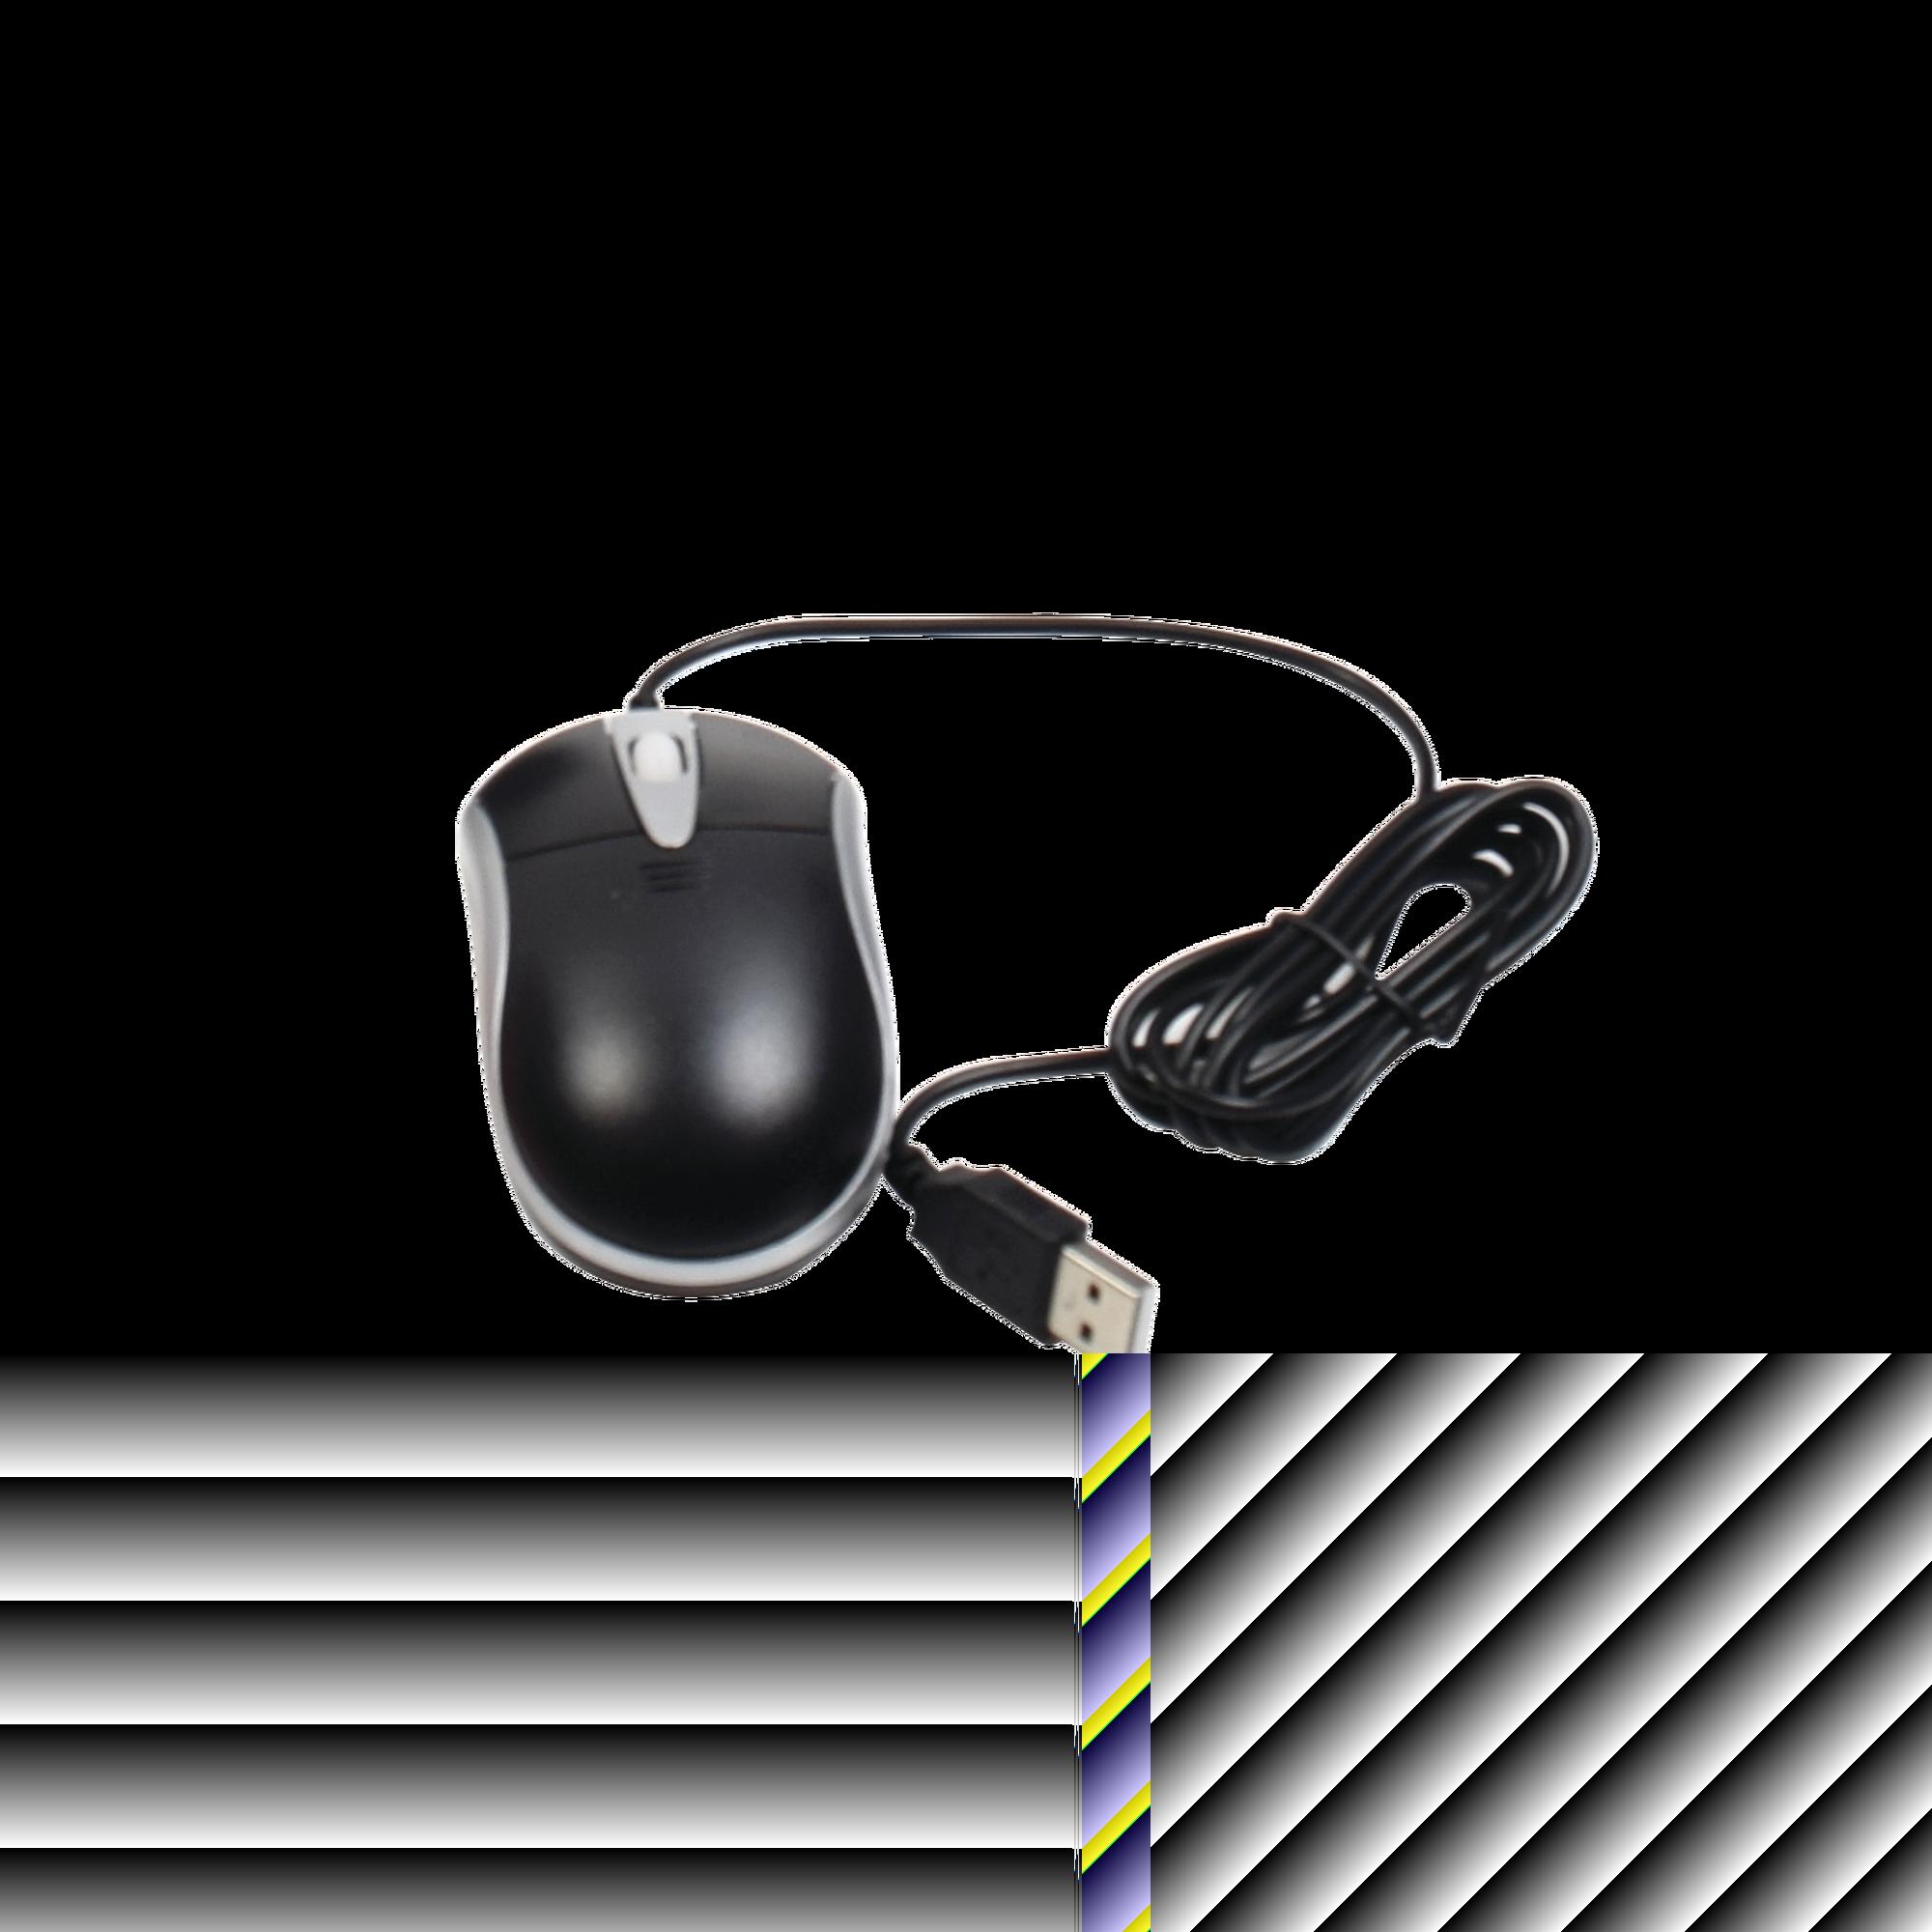 Mouse original USB para DVR / NVR / Compatible con todas las marcas del mercado / SAMSUNG / ACTi / HIKVISION / epcom / IDIS